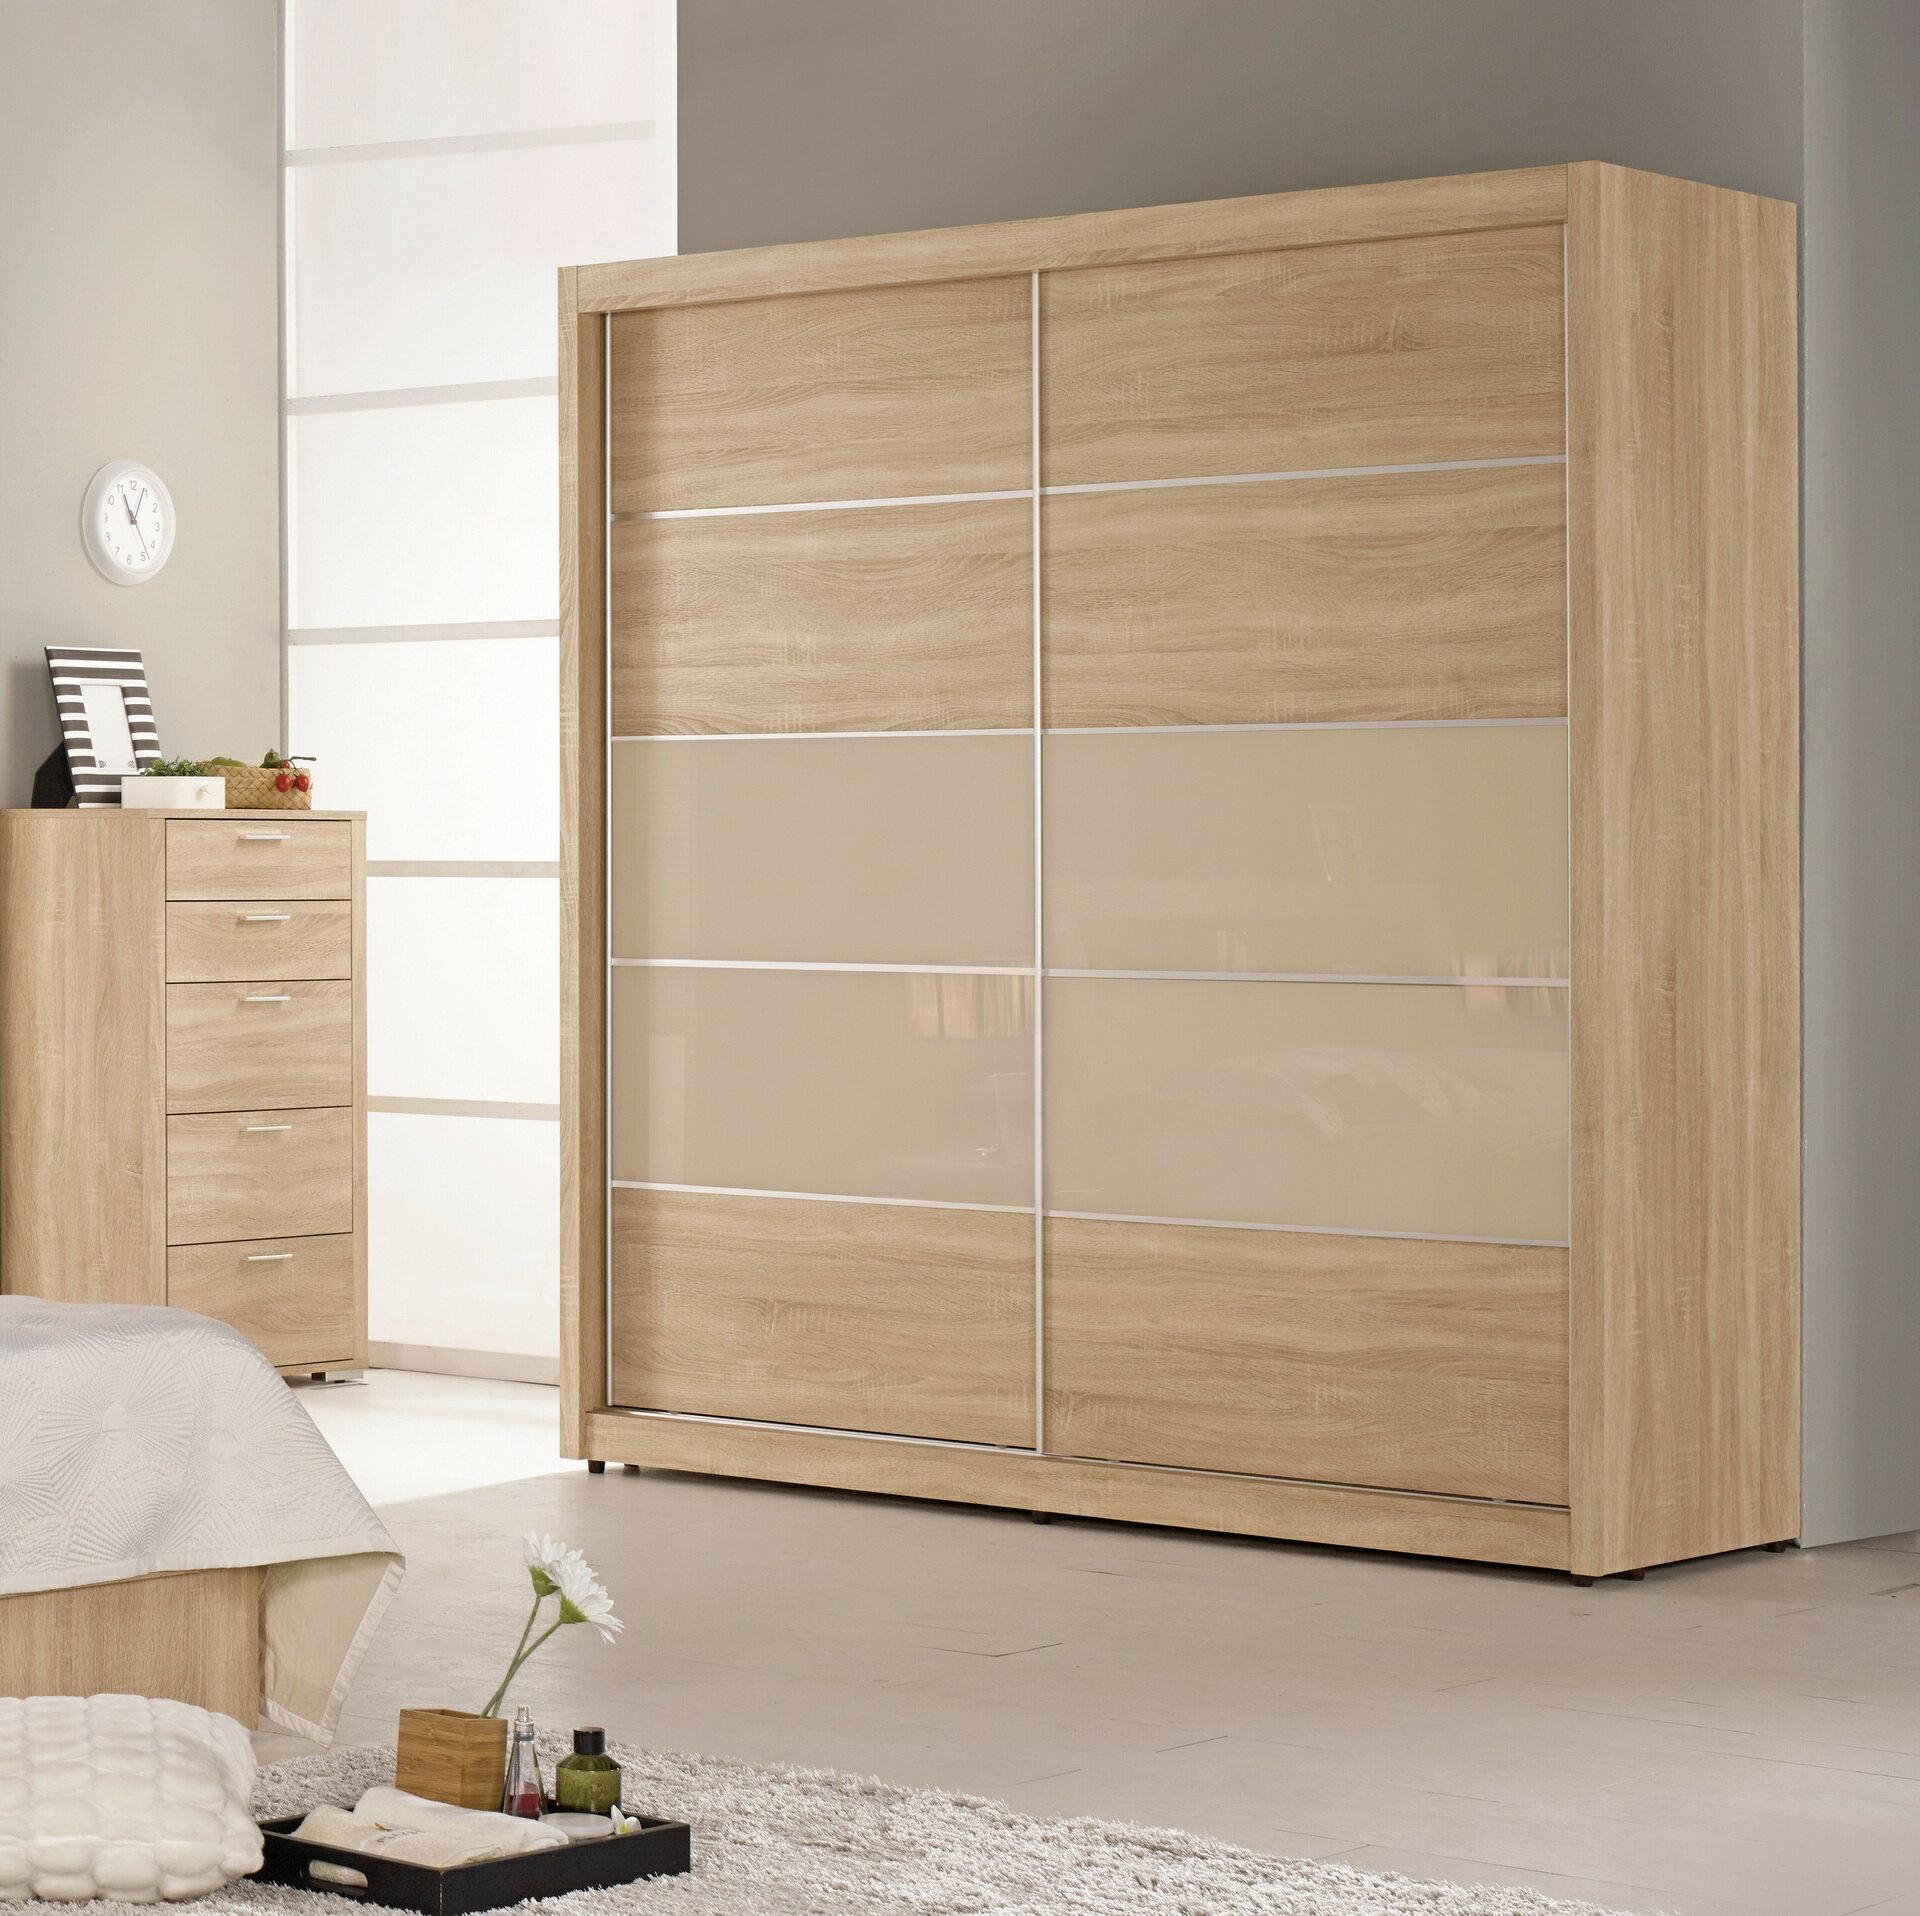 【簡單家具】,G076-2 格瑞斯6尺拉門衣櫥/衣櫃,大台北都會區免運費!